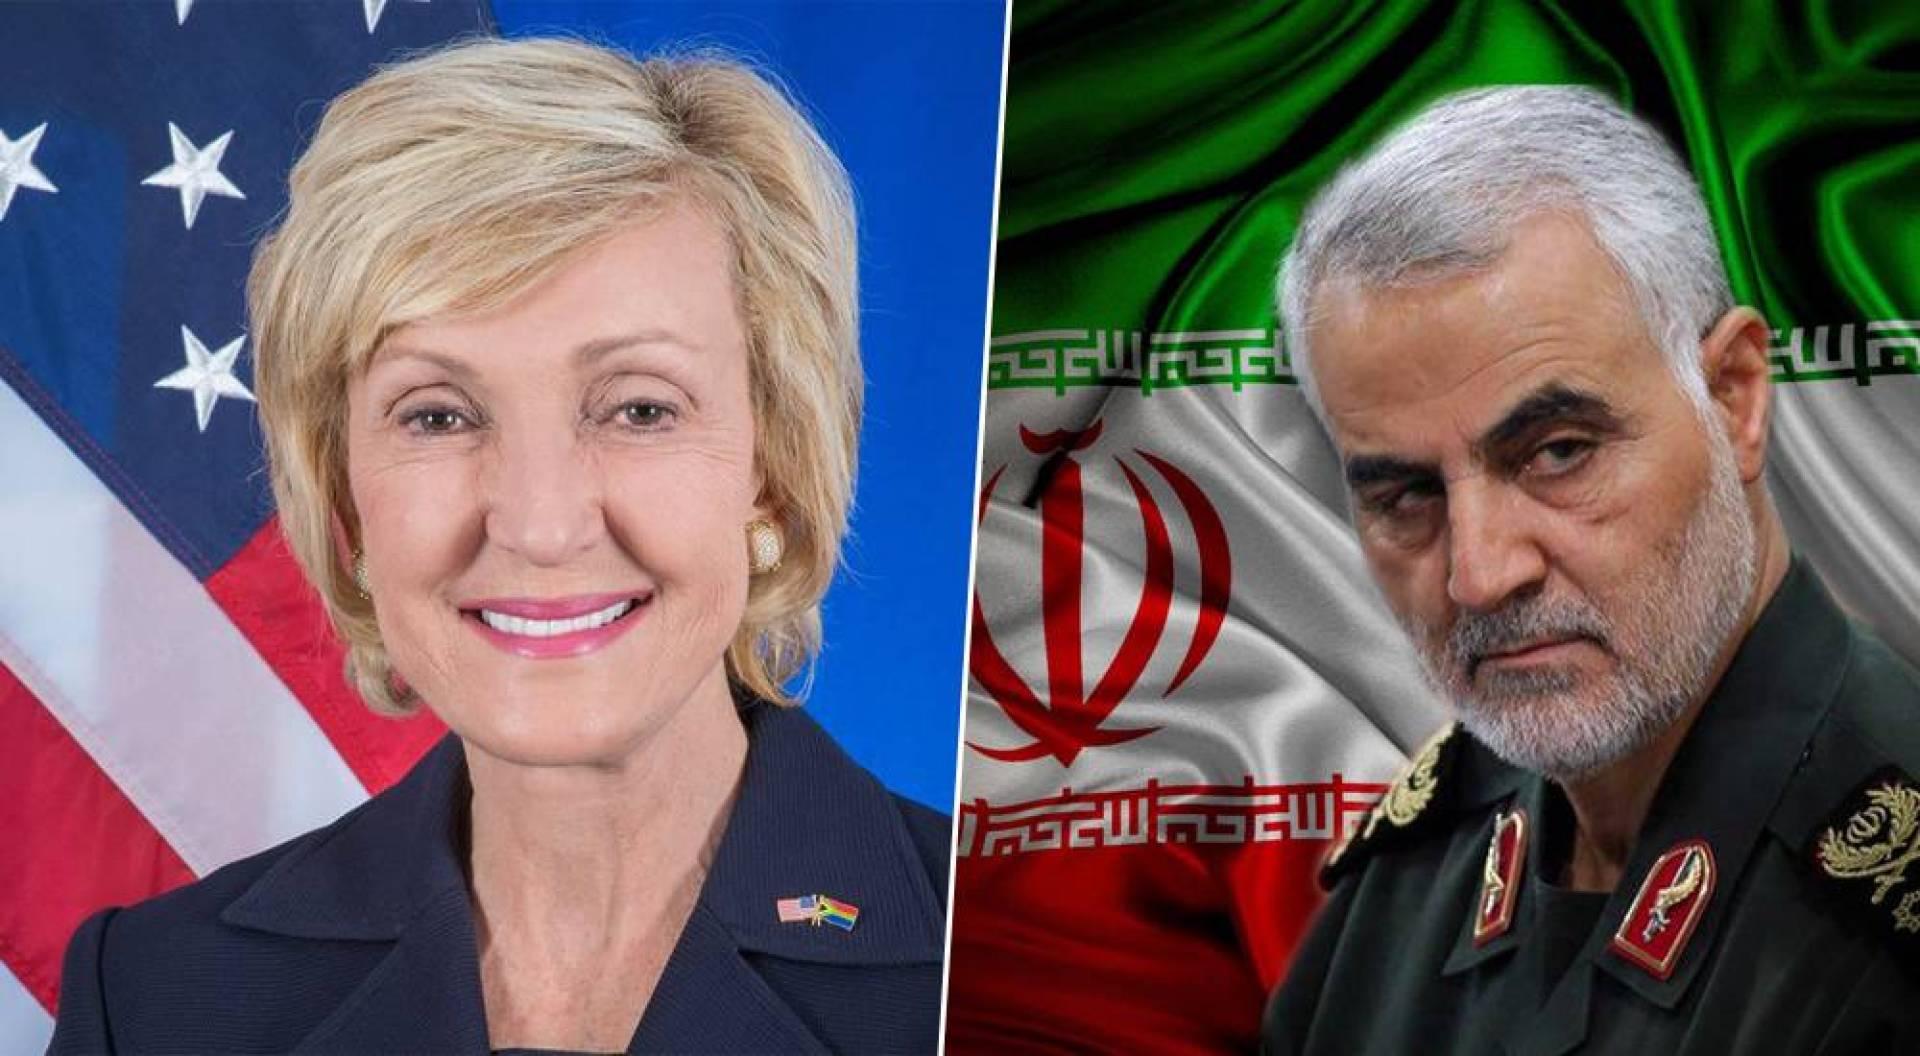 إيران تخطط لاغتيال السفيرة الأميركية في جنوب إفريقيا انتقاماً لقاسم سليماني